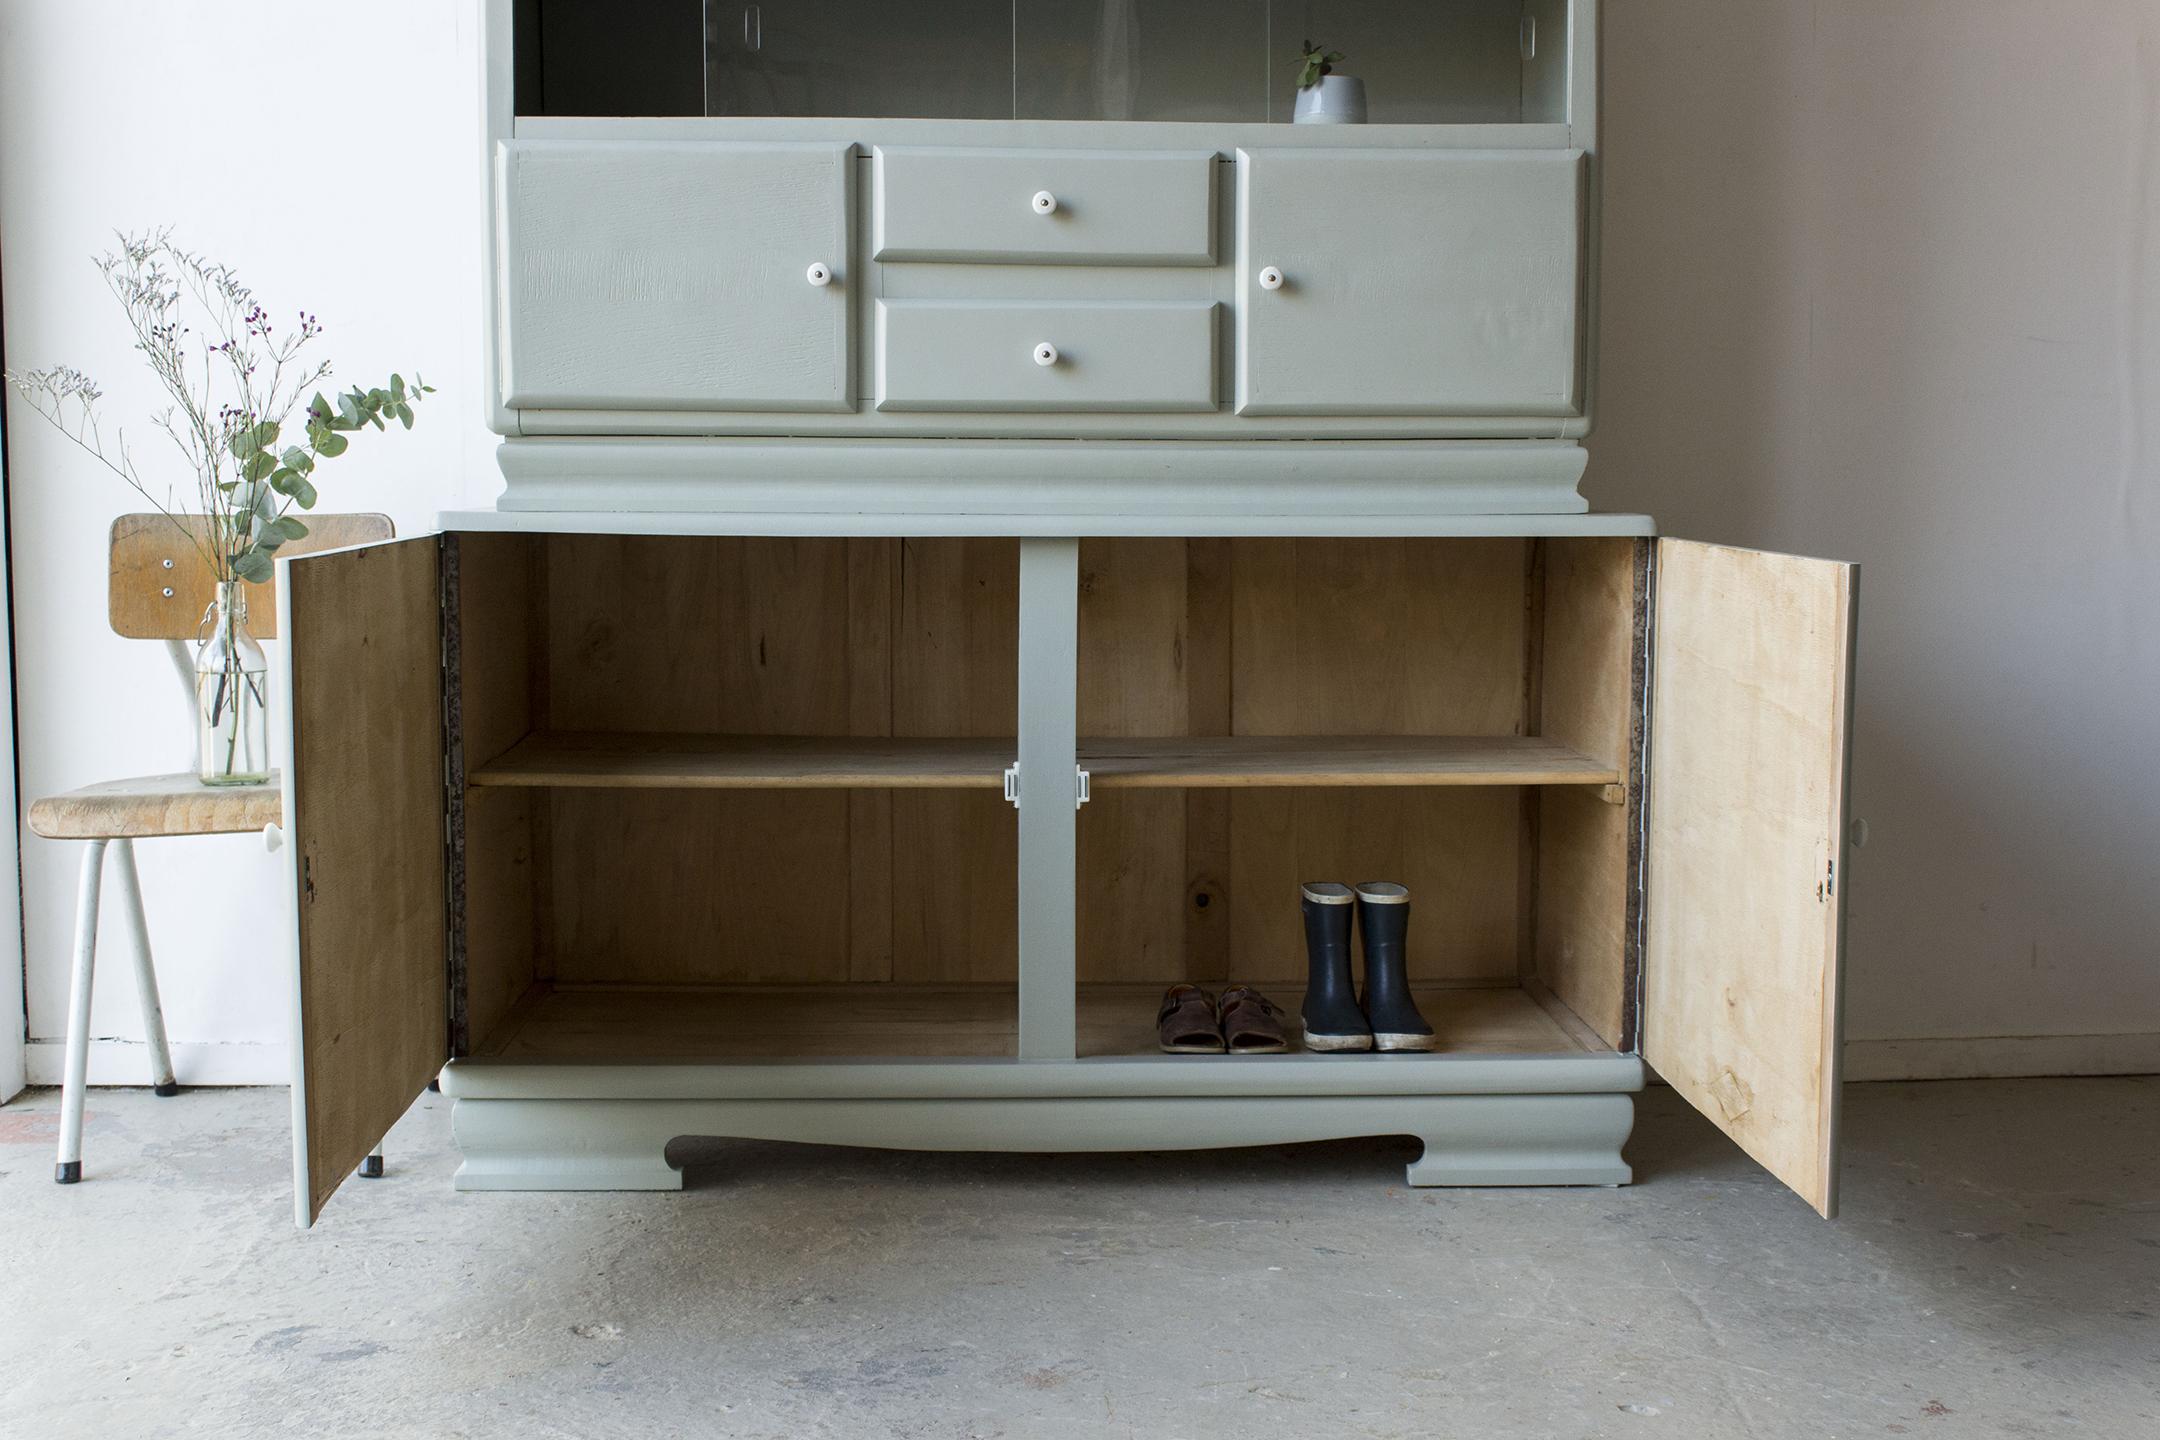 _Grijsgroene vintage keukenkast met ruitjes -  Firma zoethout_4.jpg